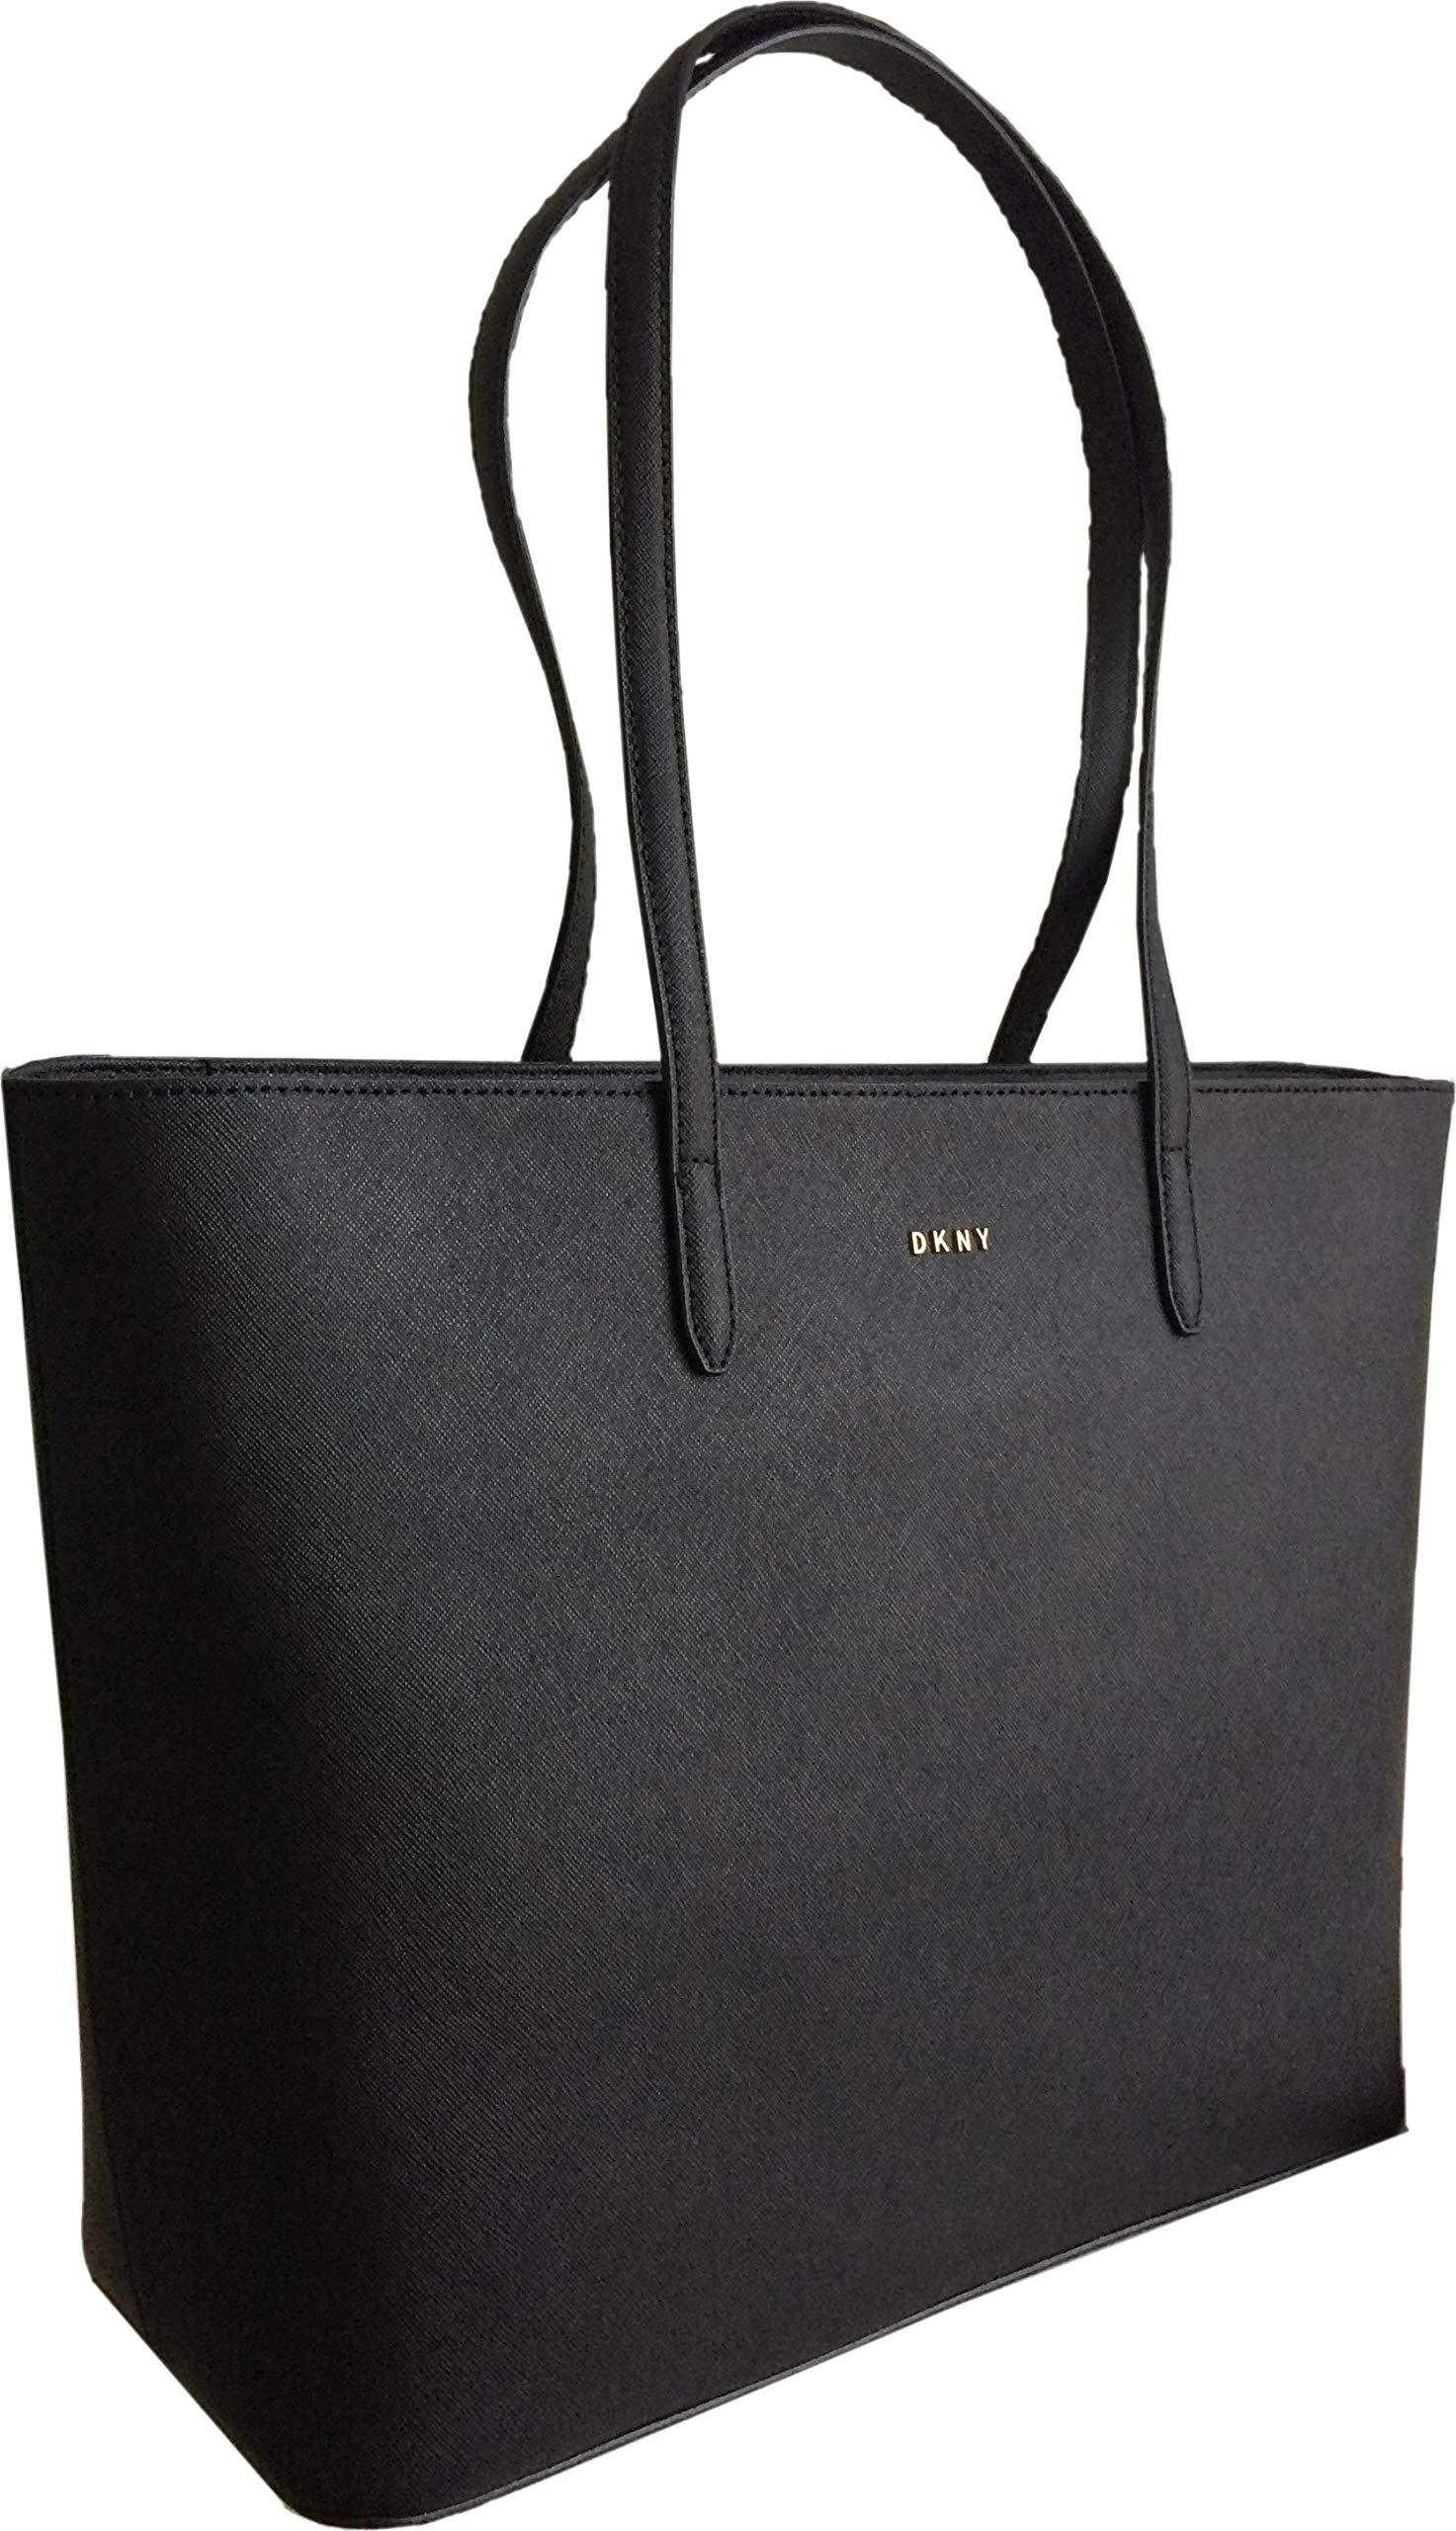 Dkny Grey Tote Bag